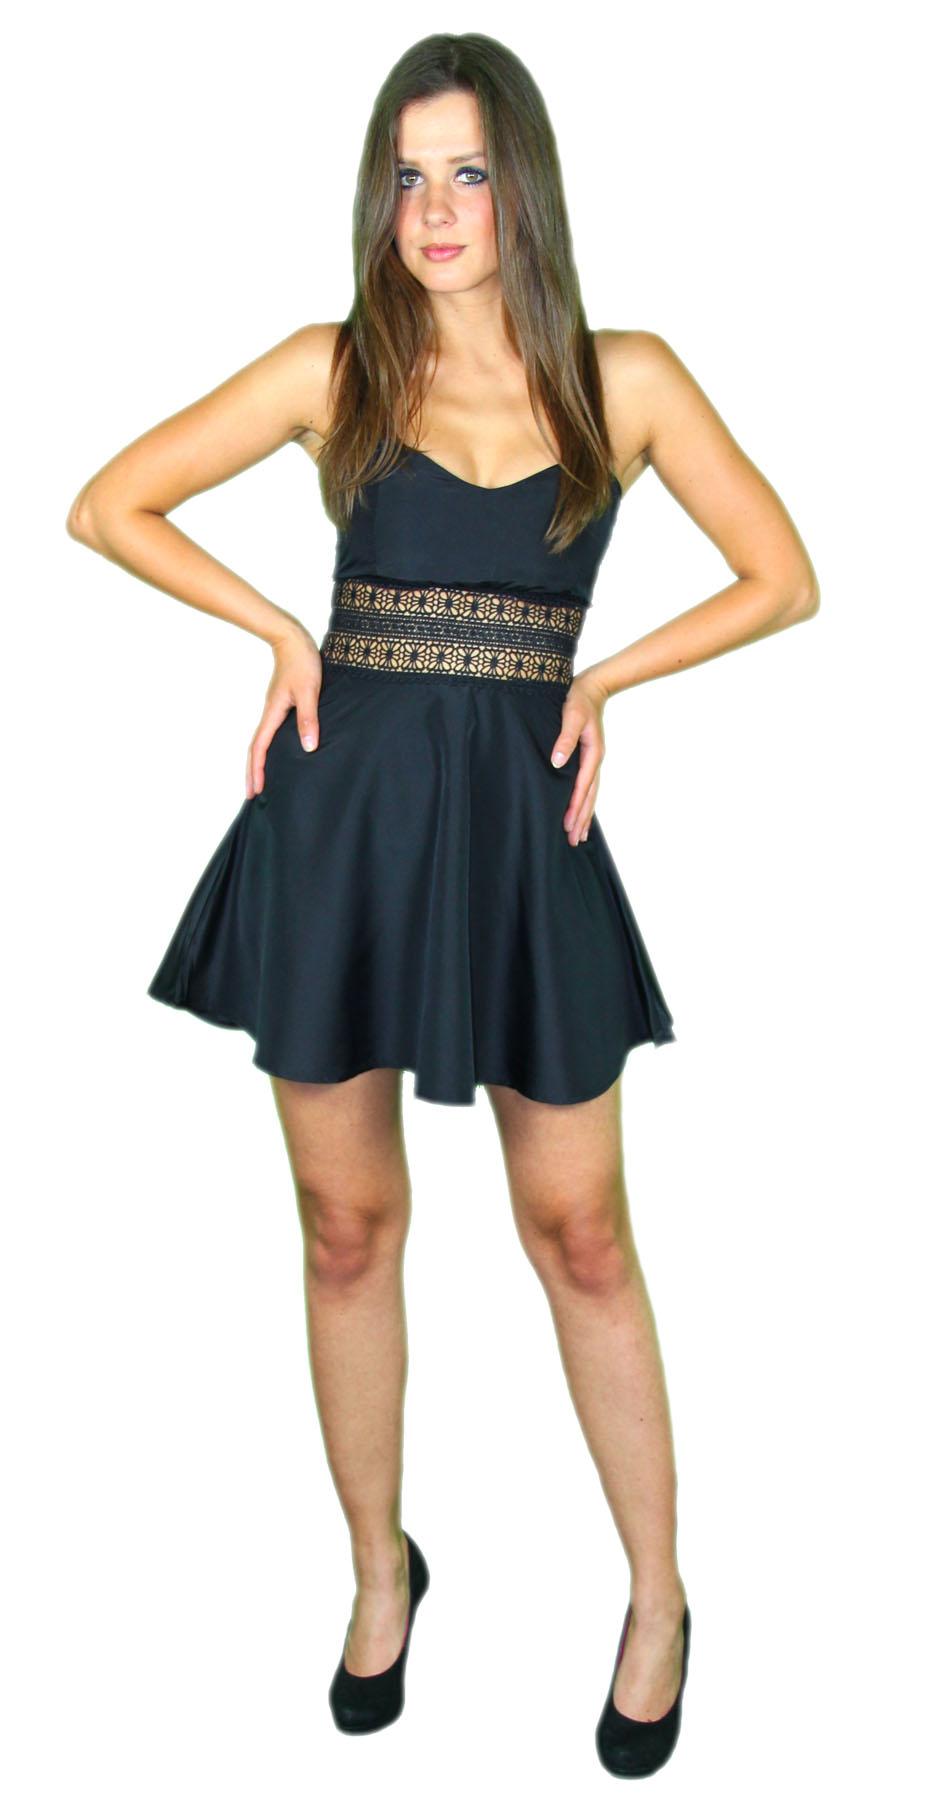 Sexy Sommerkleid kurz Strandkleid Partykleid Cocktailkleid schwarz